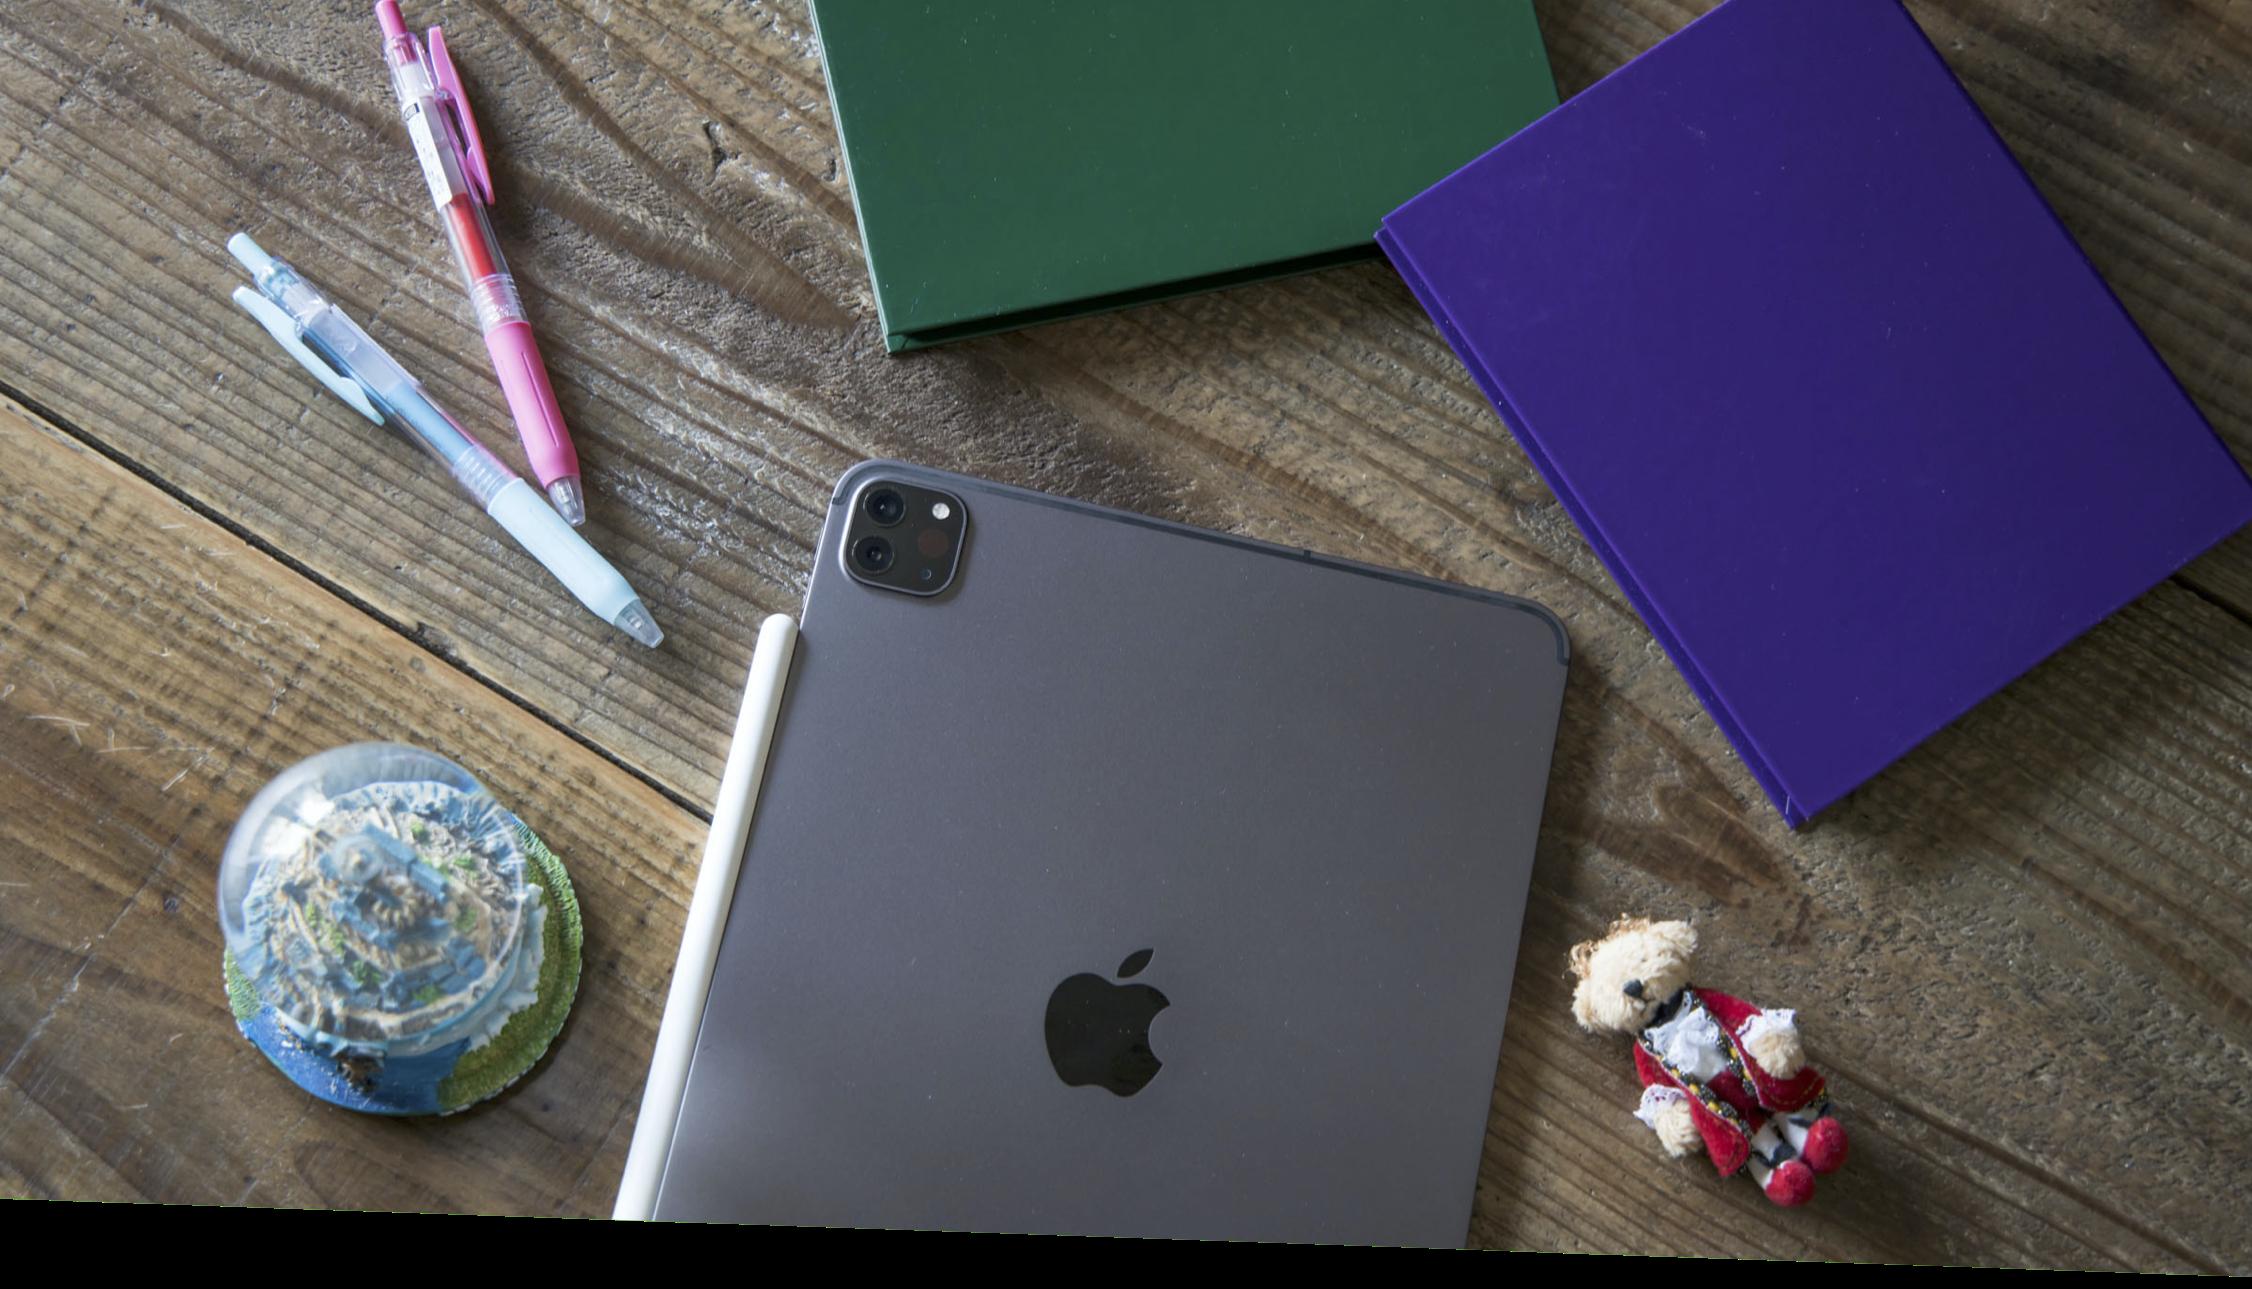 iPad Pro(2020)×iPadOS 13.4 レビュー